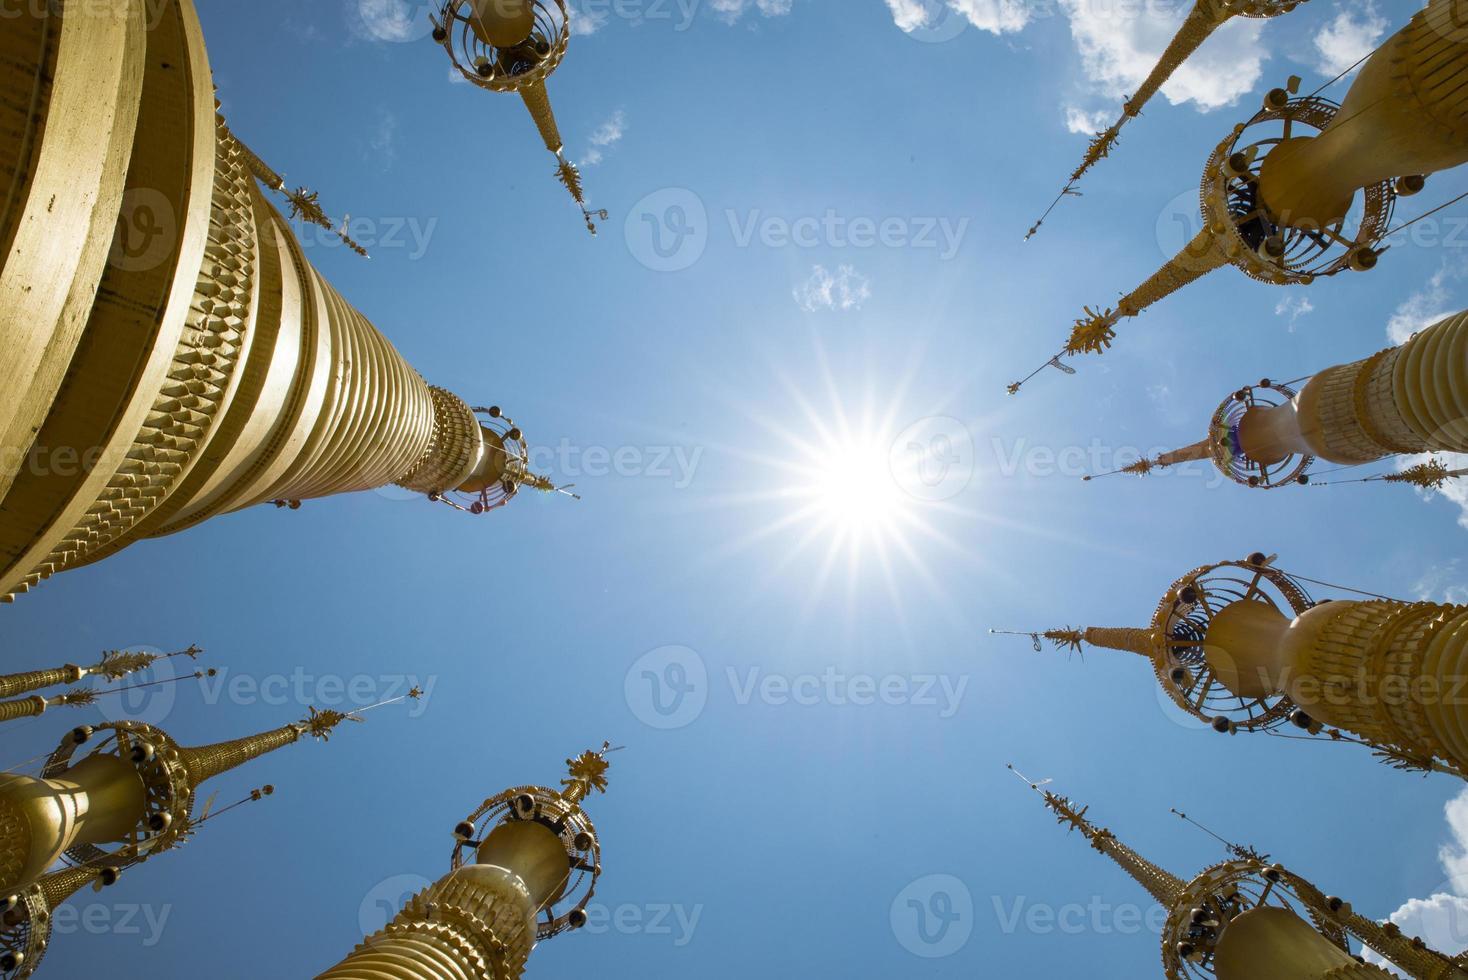 Myanmar Golden Stupas on a Blue Sky with Sun photo